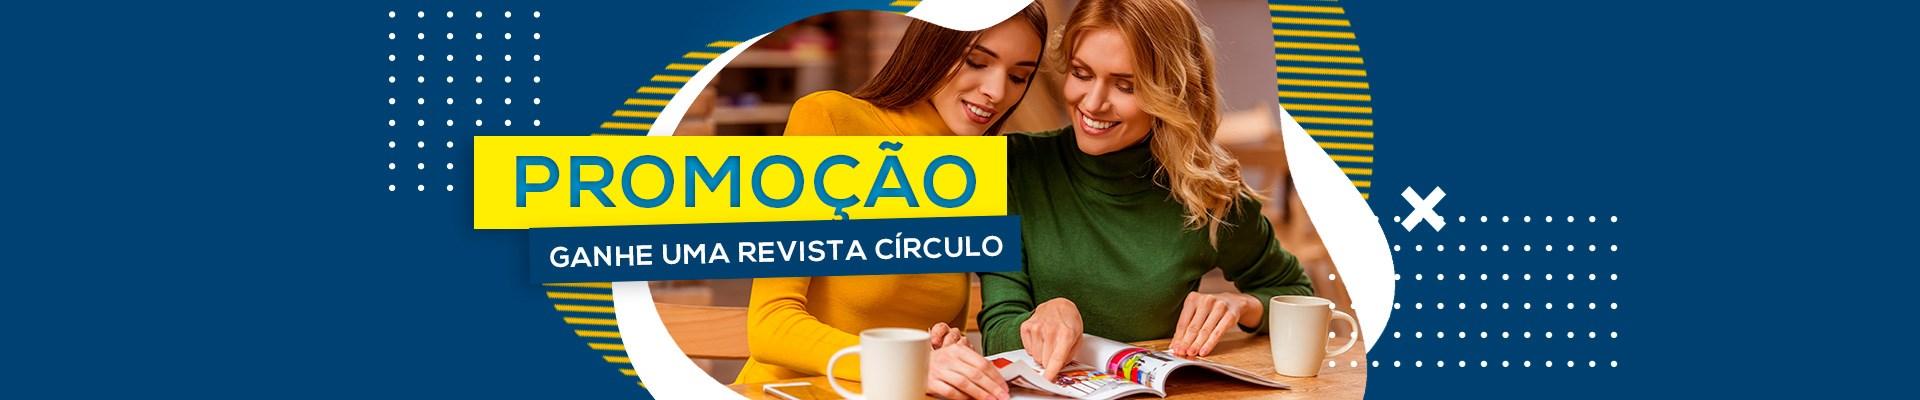 Promoção Revista Círculo